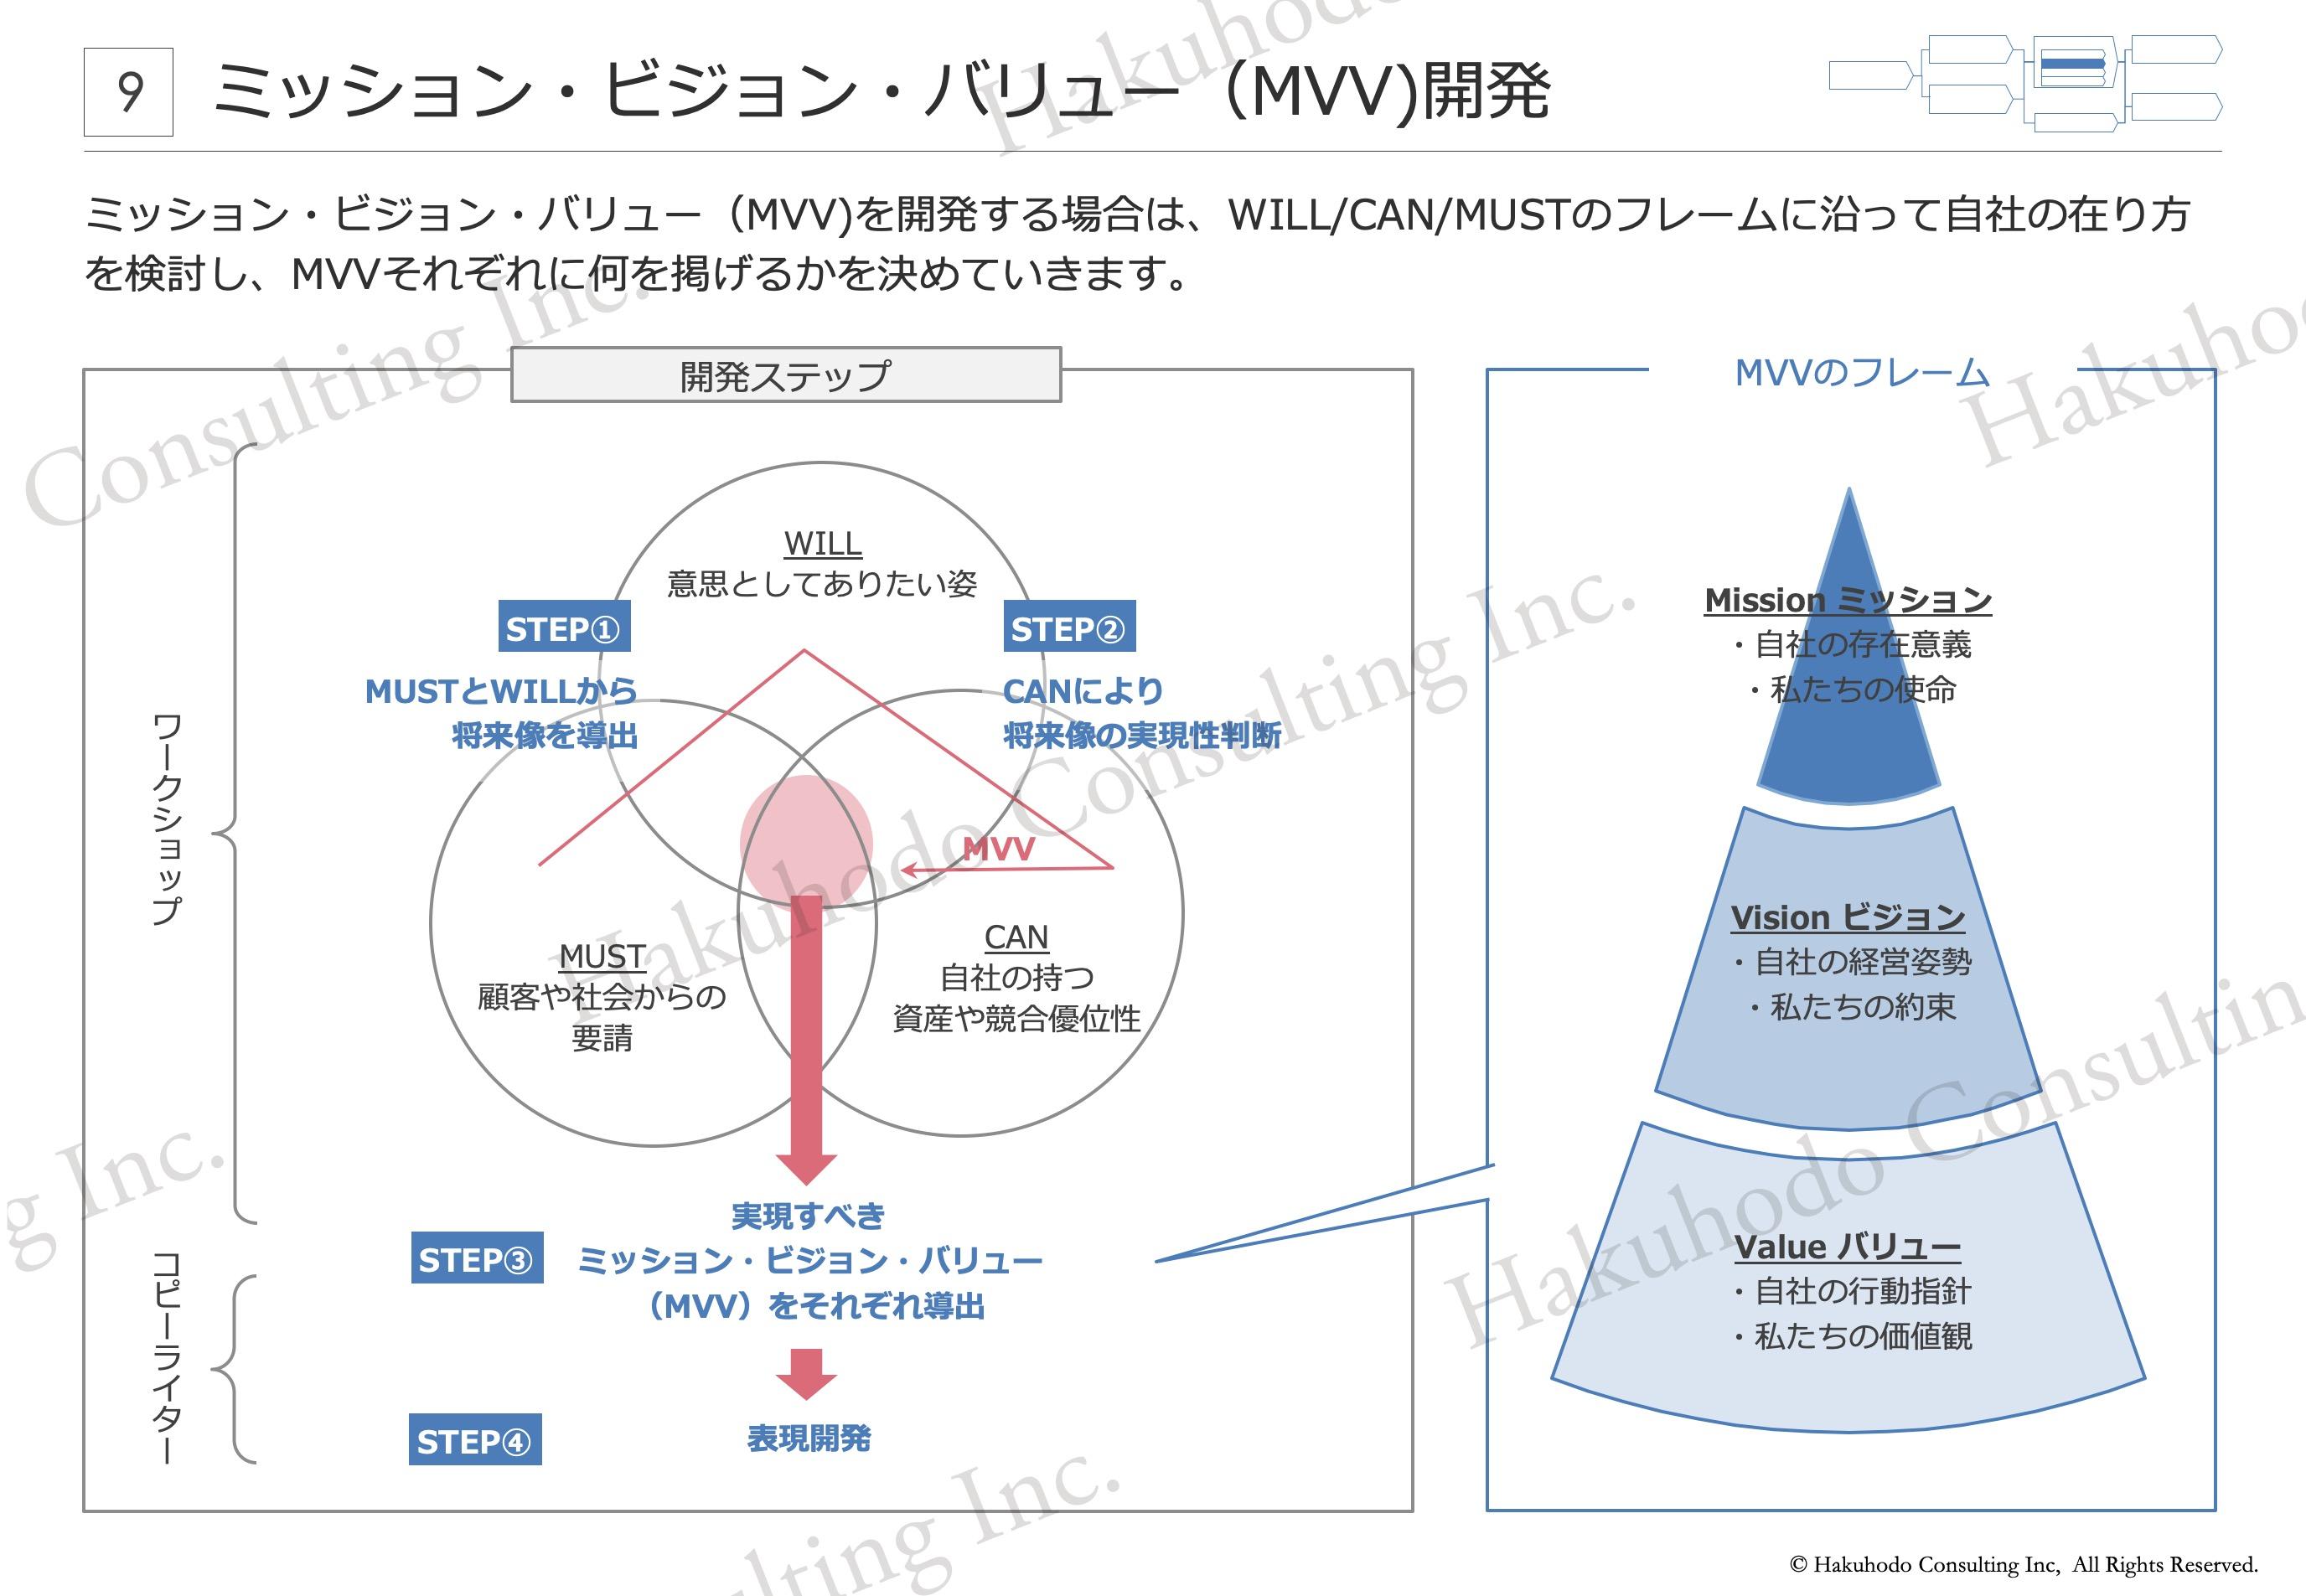 ミッション・ビジョン・バリュー(MVV)開発 ミッション・ビジョン・バリュー(MVV)を開発する場合は、WILL/CAN/MUSTのフレームに沿って自社の在り方を検討し、MVVそれぞれに何を掲げるかを決めていきます。開発ステップ